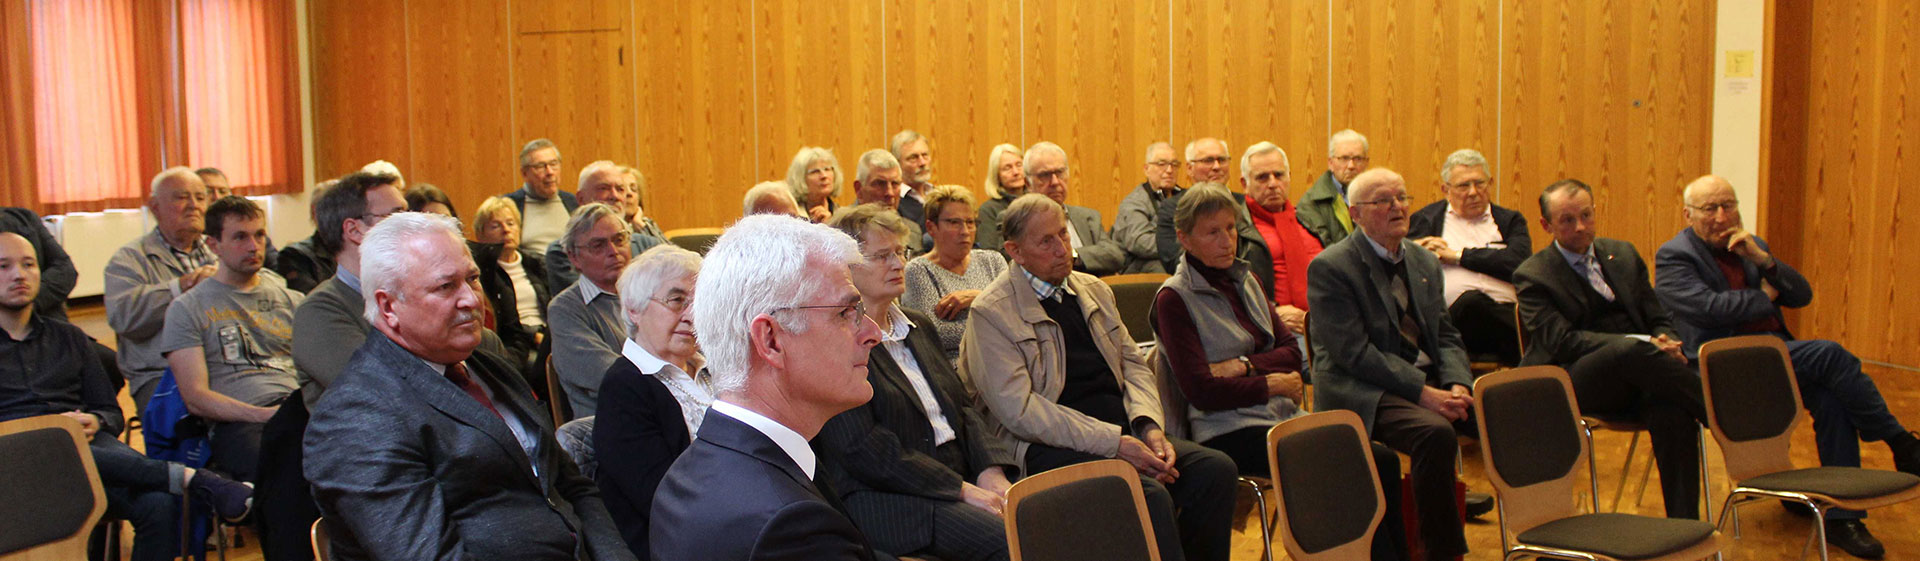 Die Besucherinnen und Besucher lauschen gespannt den Worten des Referenten. Bild: Thomas Giese (nh)